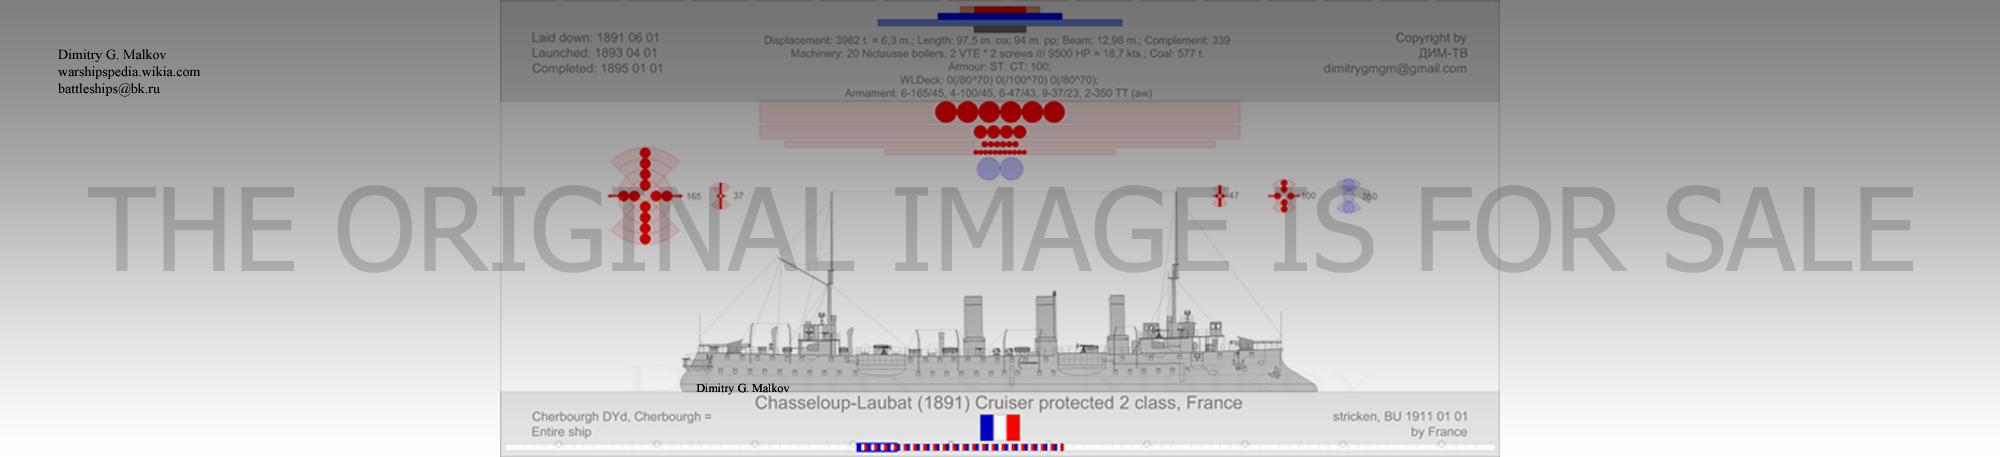 Mes dessins des navires francais - Page 9 Cp-18921